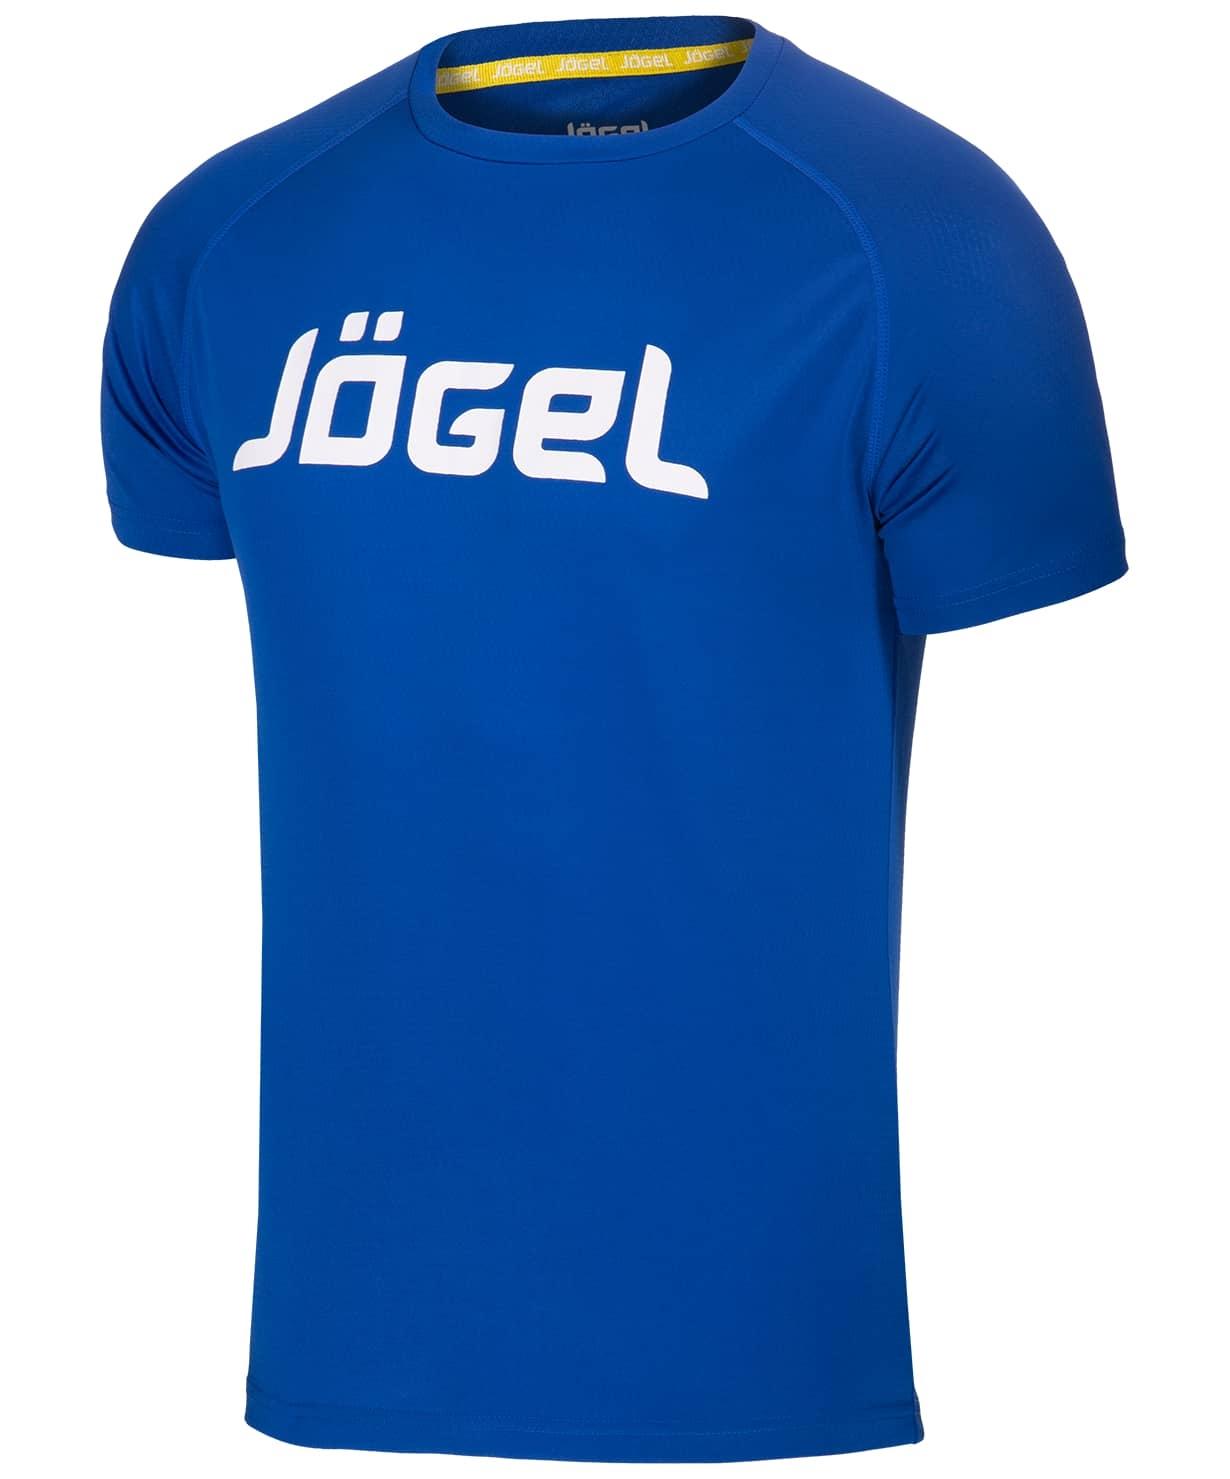 Футболка тренировочная JTT-1041-079, полиэстер, синий/белый, детская